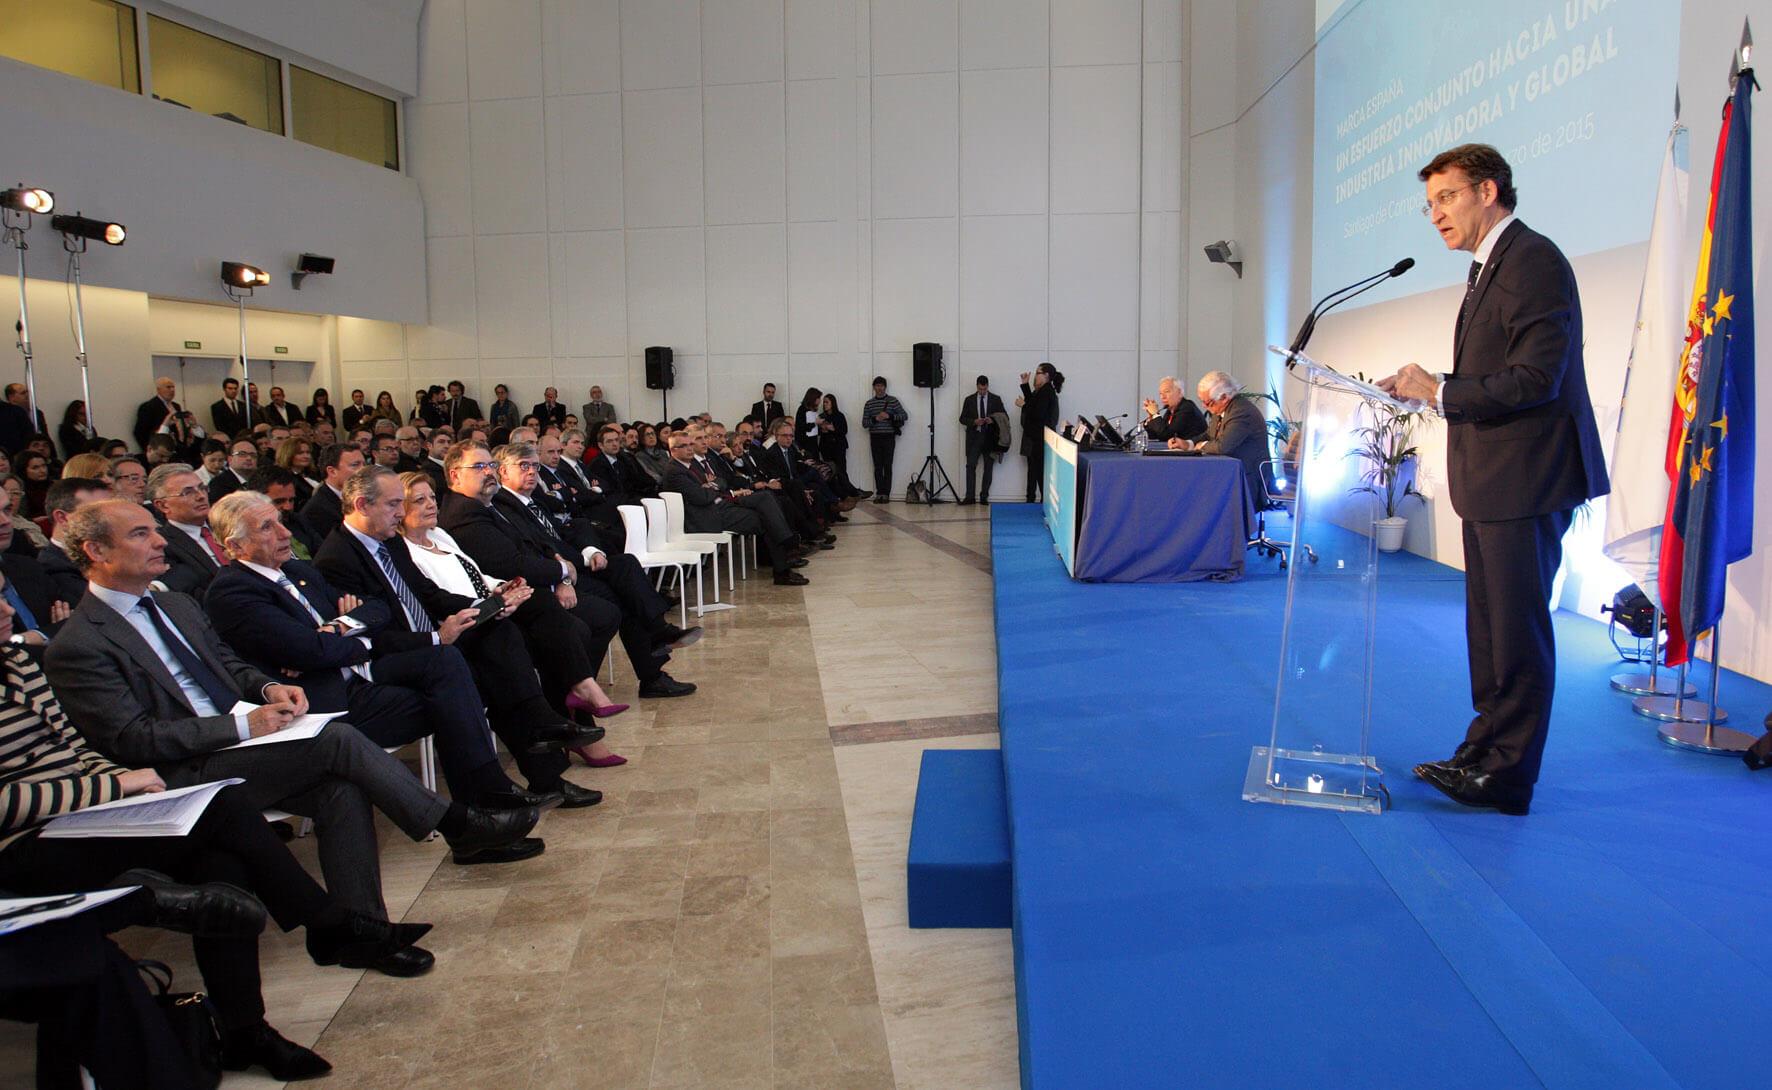 Profesionalidad, capacidad de innovación y competitividad, claves de la aportación del sector turismo a la Marca España